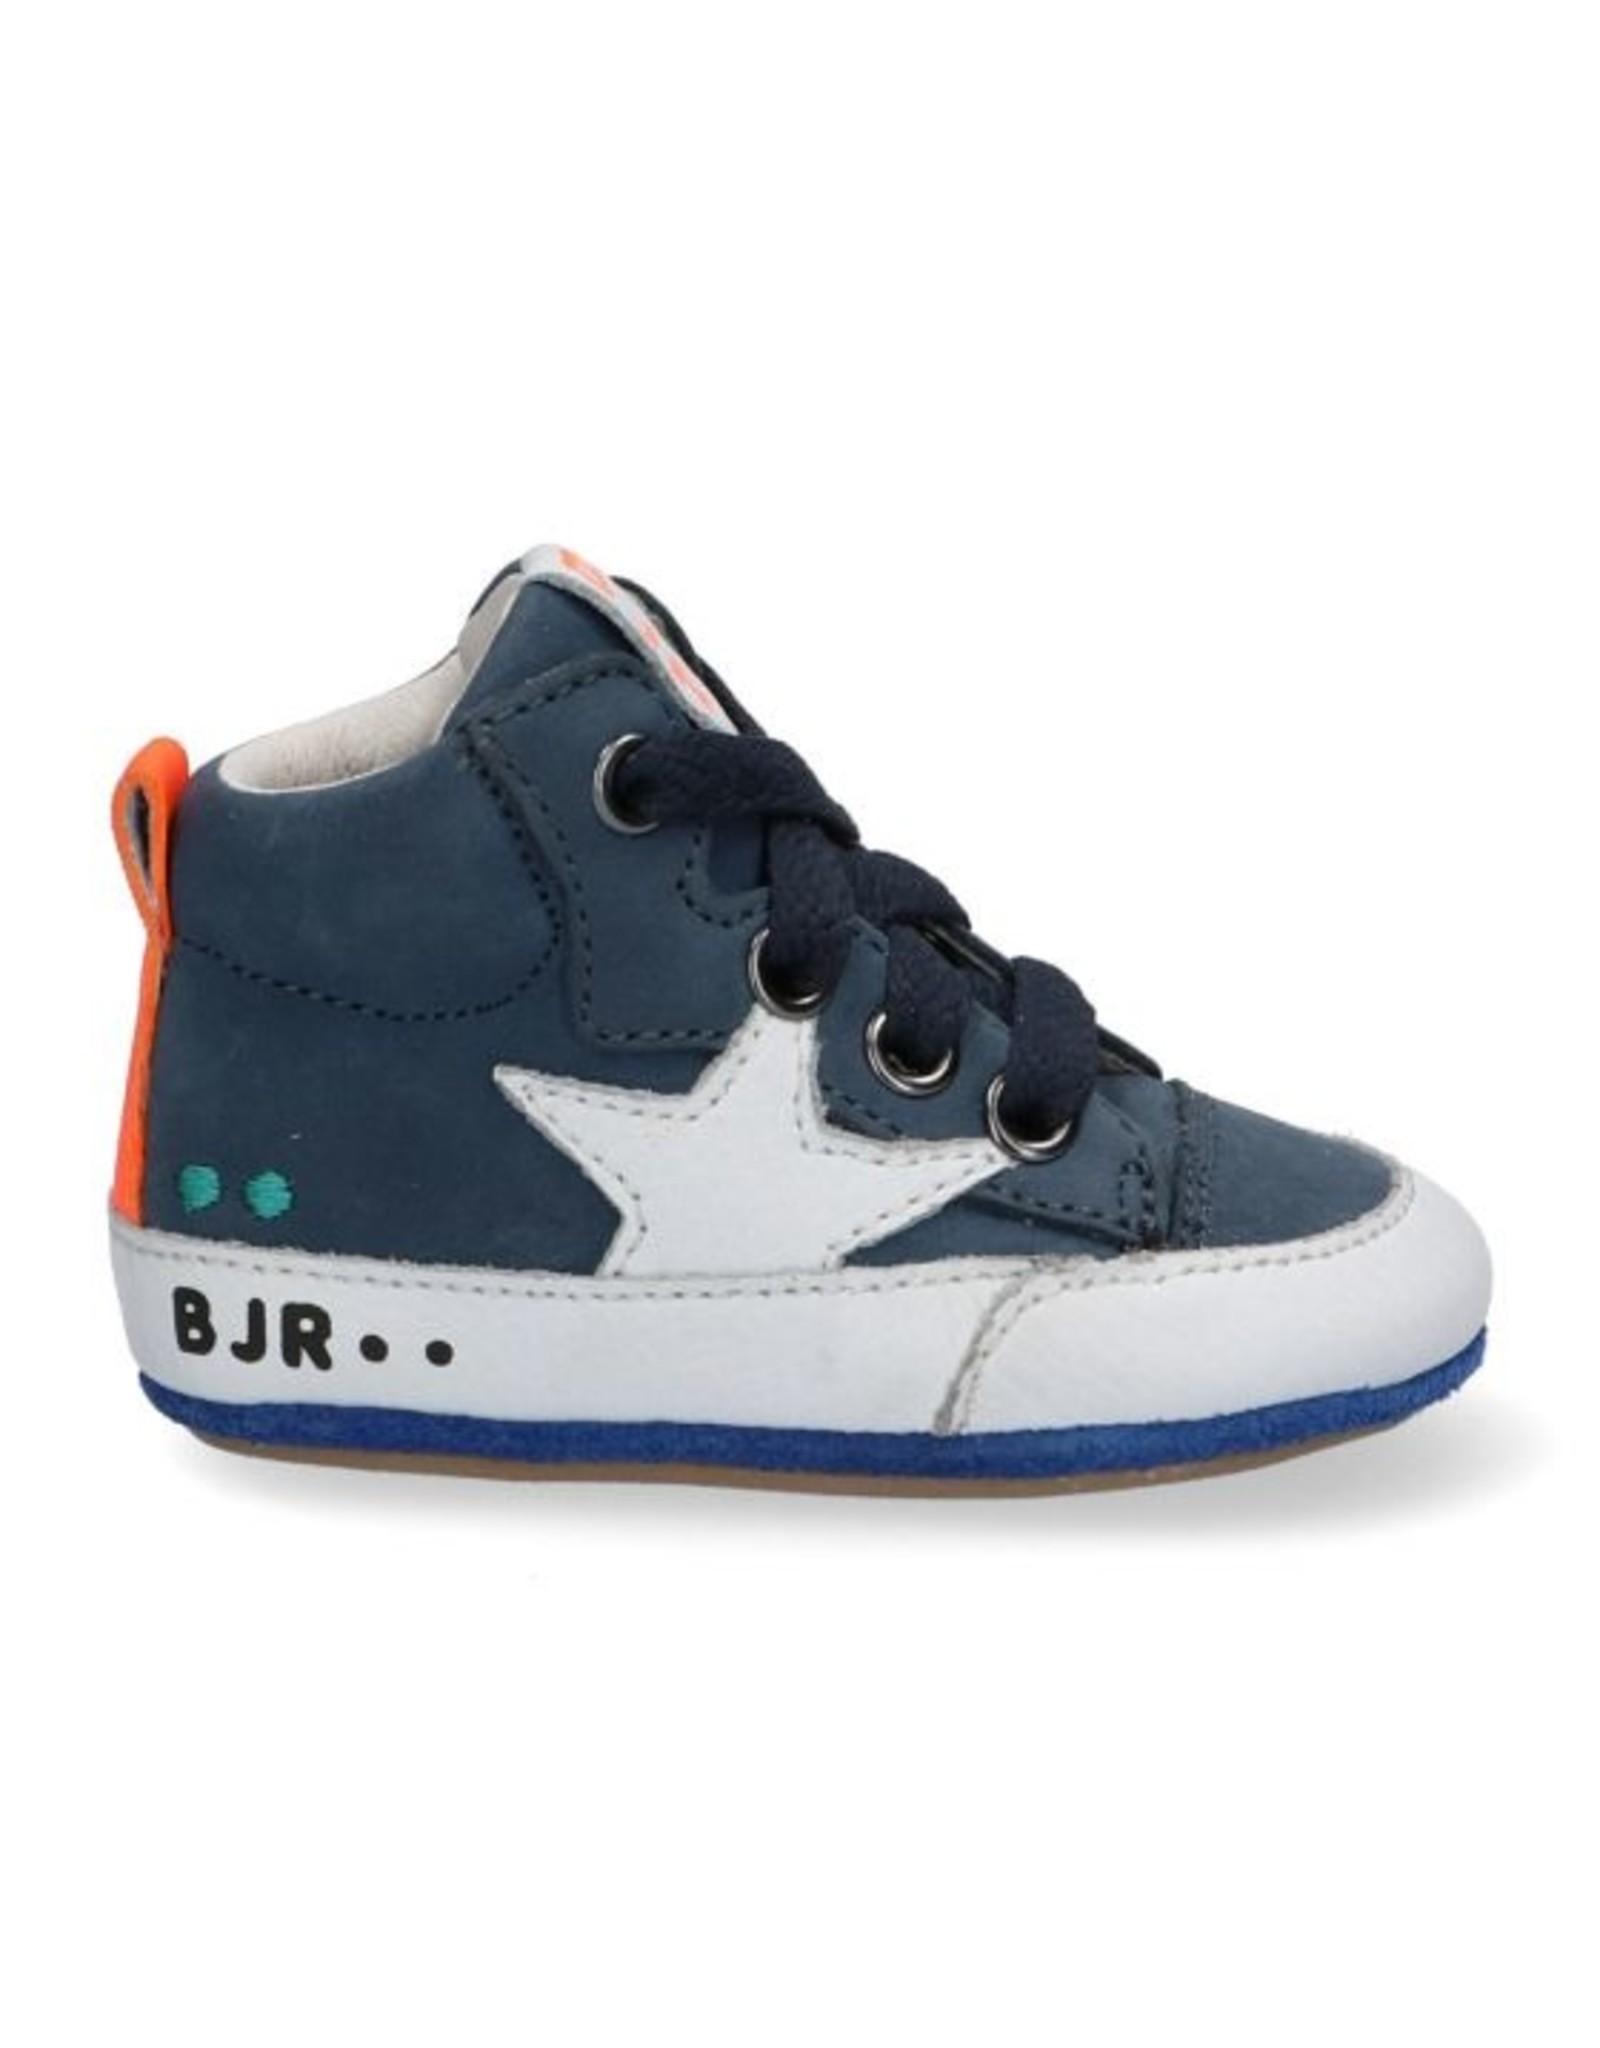 Bunnies Bunnies jr. - Zilke Zacht/blue